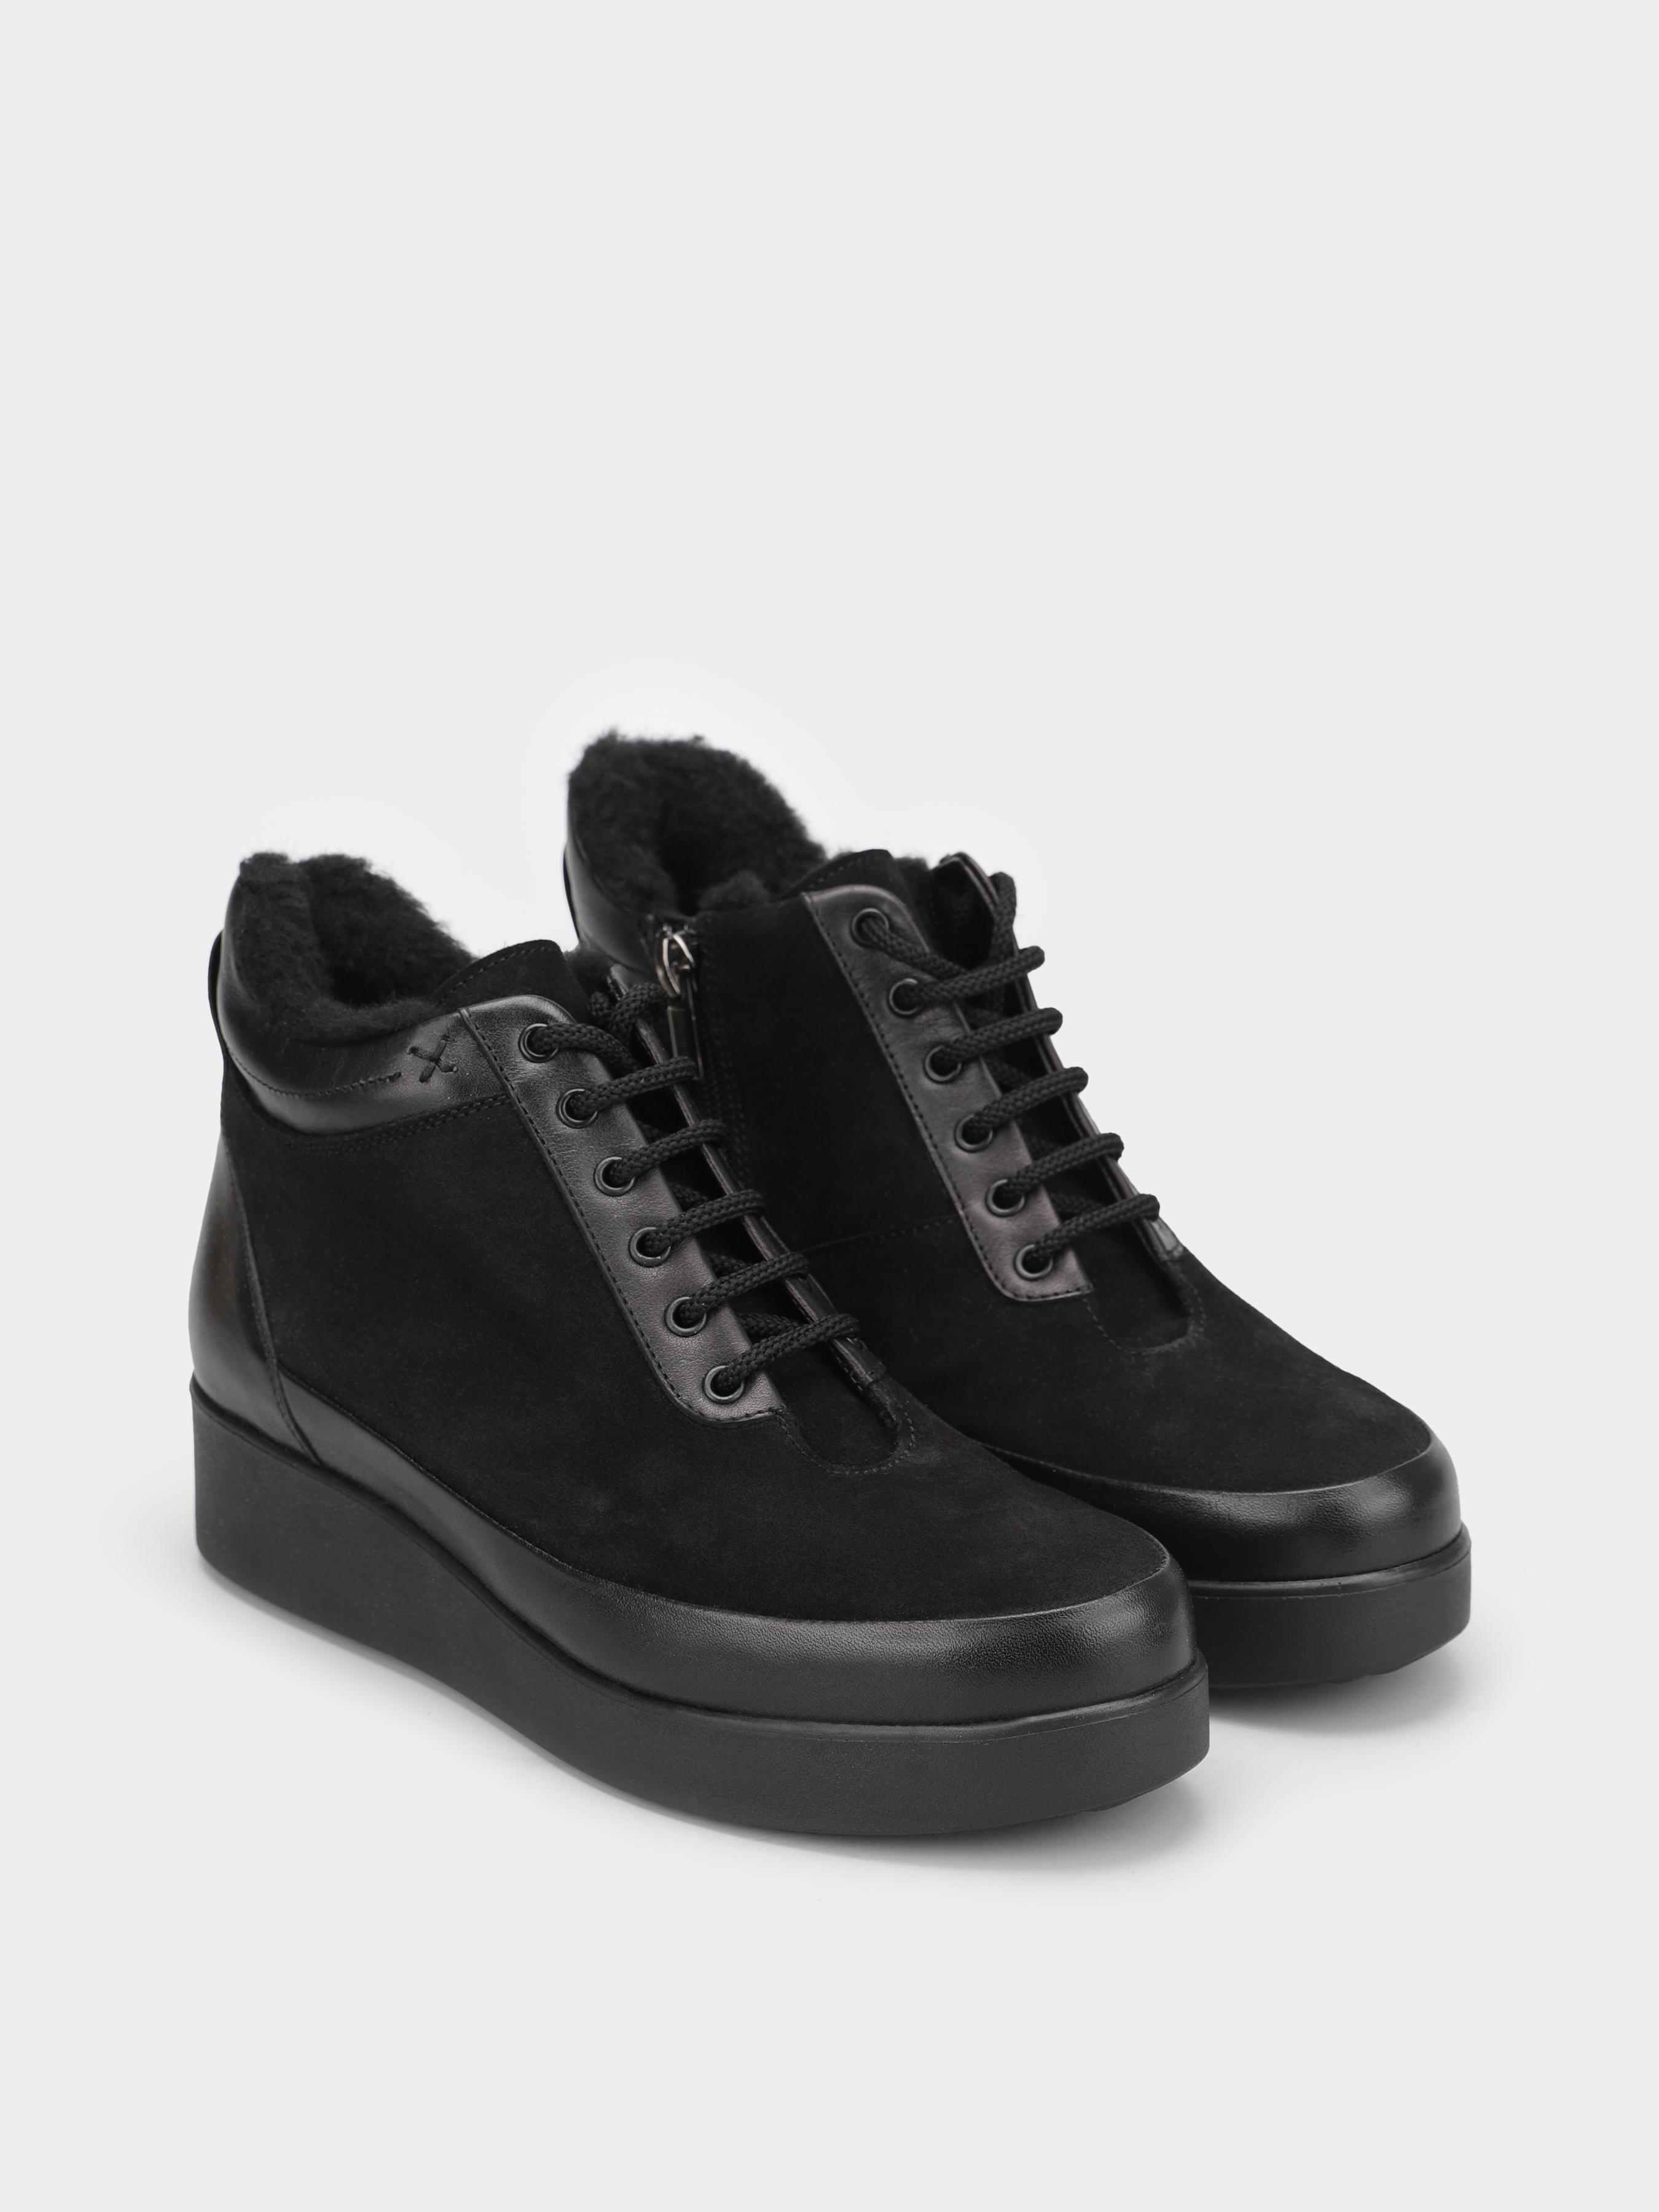 Ботинки для женщин Стептер 9K81 размерная сетка обуви, 2017